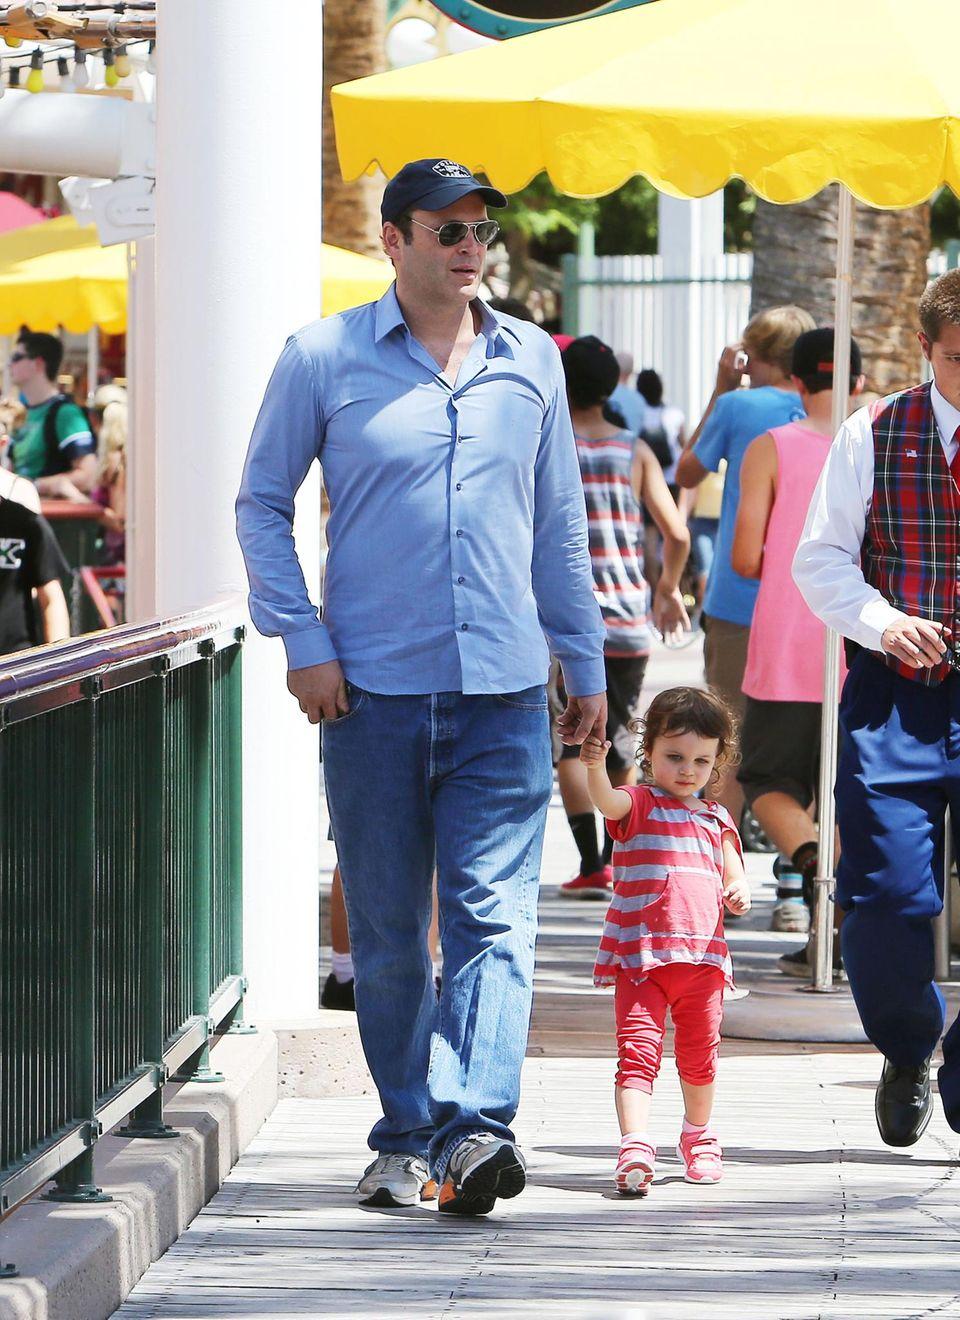 21. Mai 2013: Vince Vaughn spaziert mit seiner Tochter Lochlyn Kyla durchs Disneyland in Kalifornien.